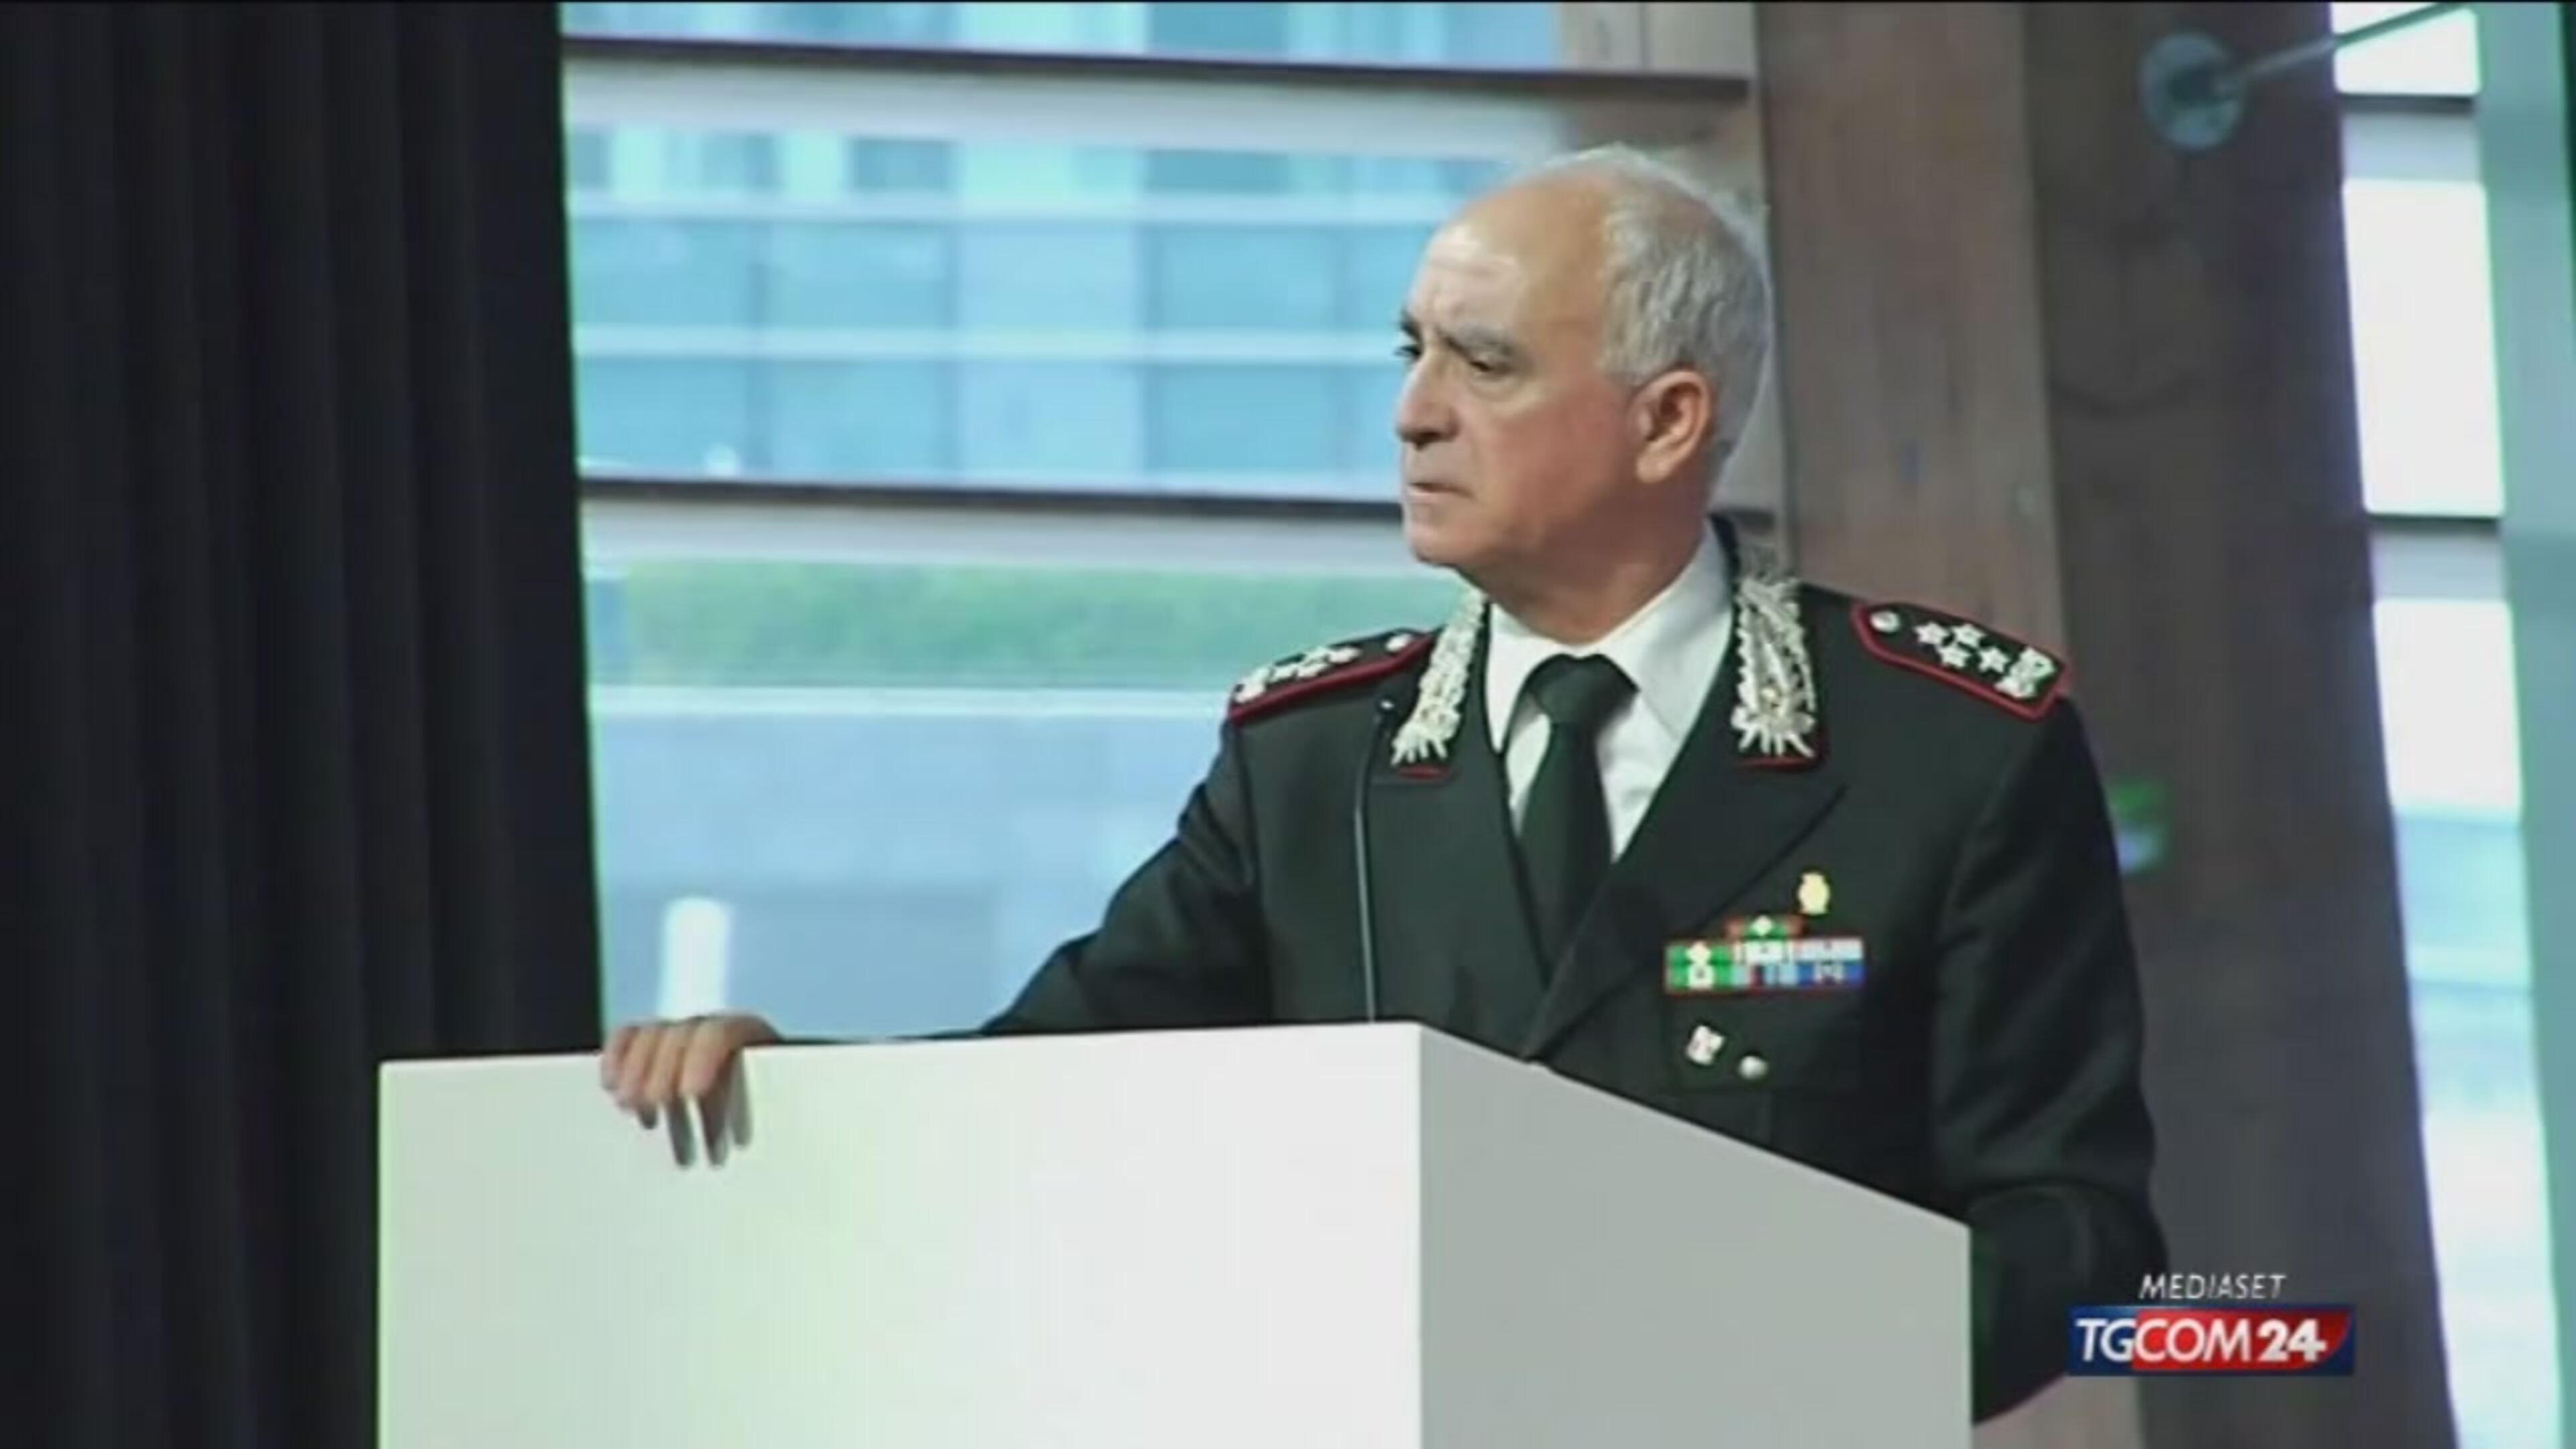 Carabinieri per la libertà, gli eroi dell'Arma